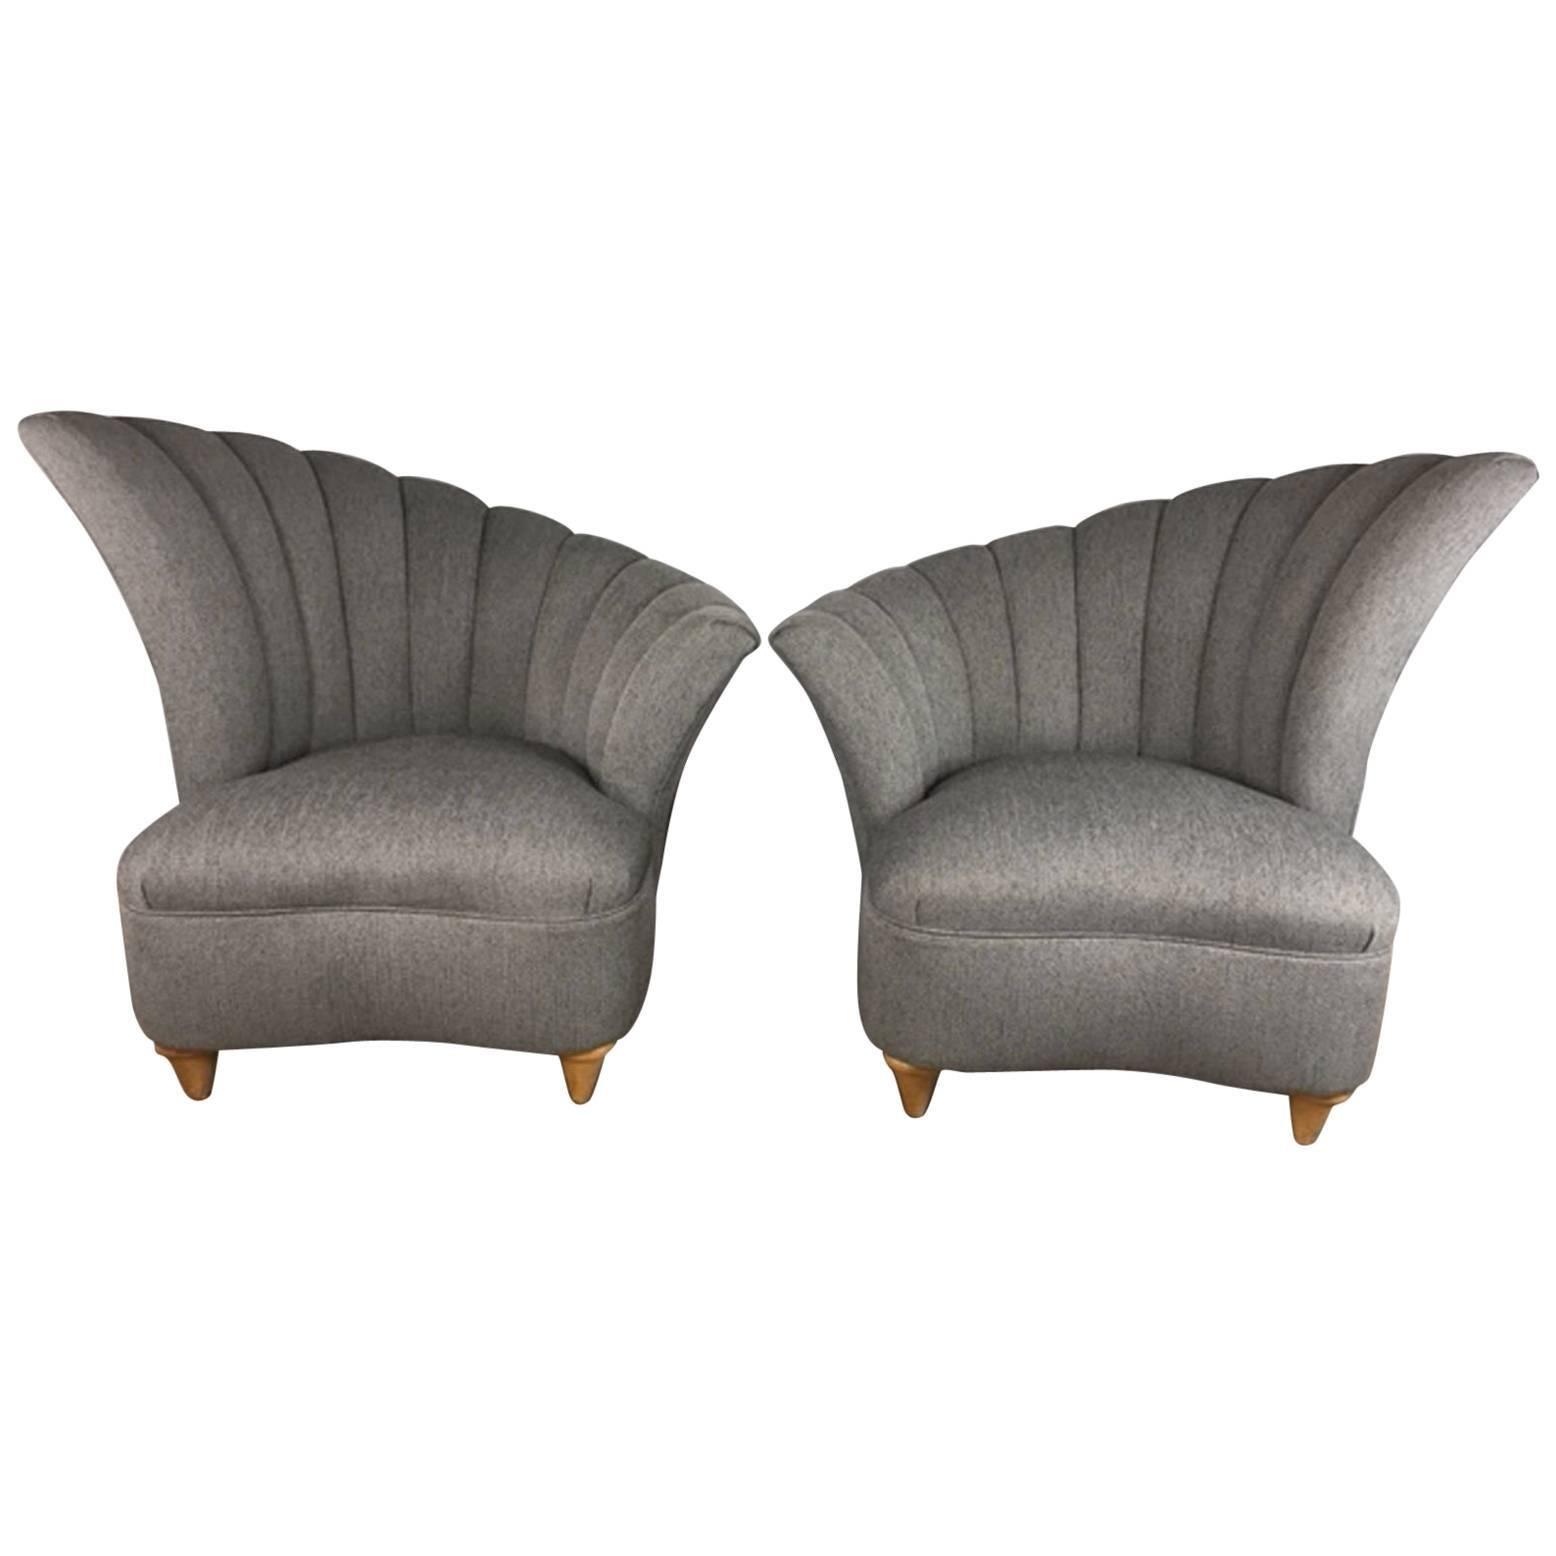 Vladimir Kagan Nautilus Club Chair, Pair 1